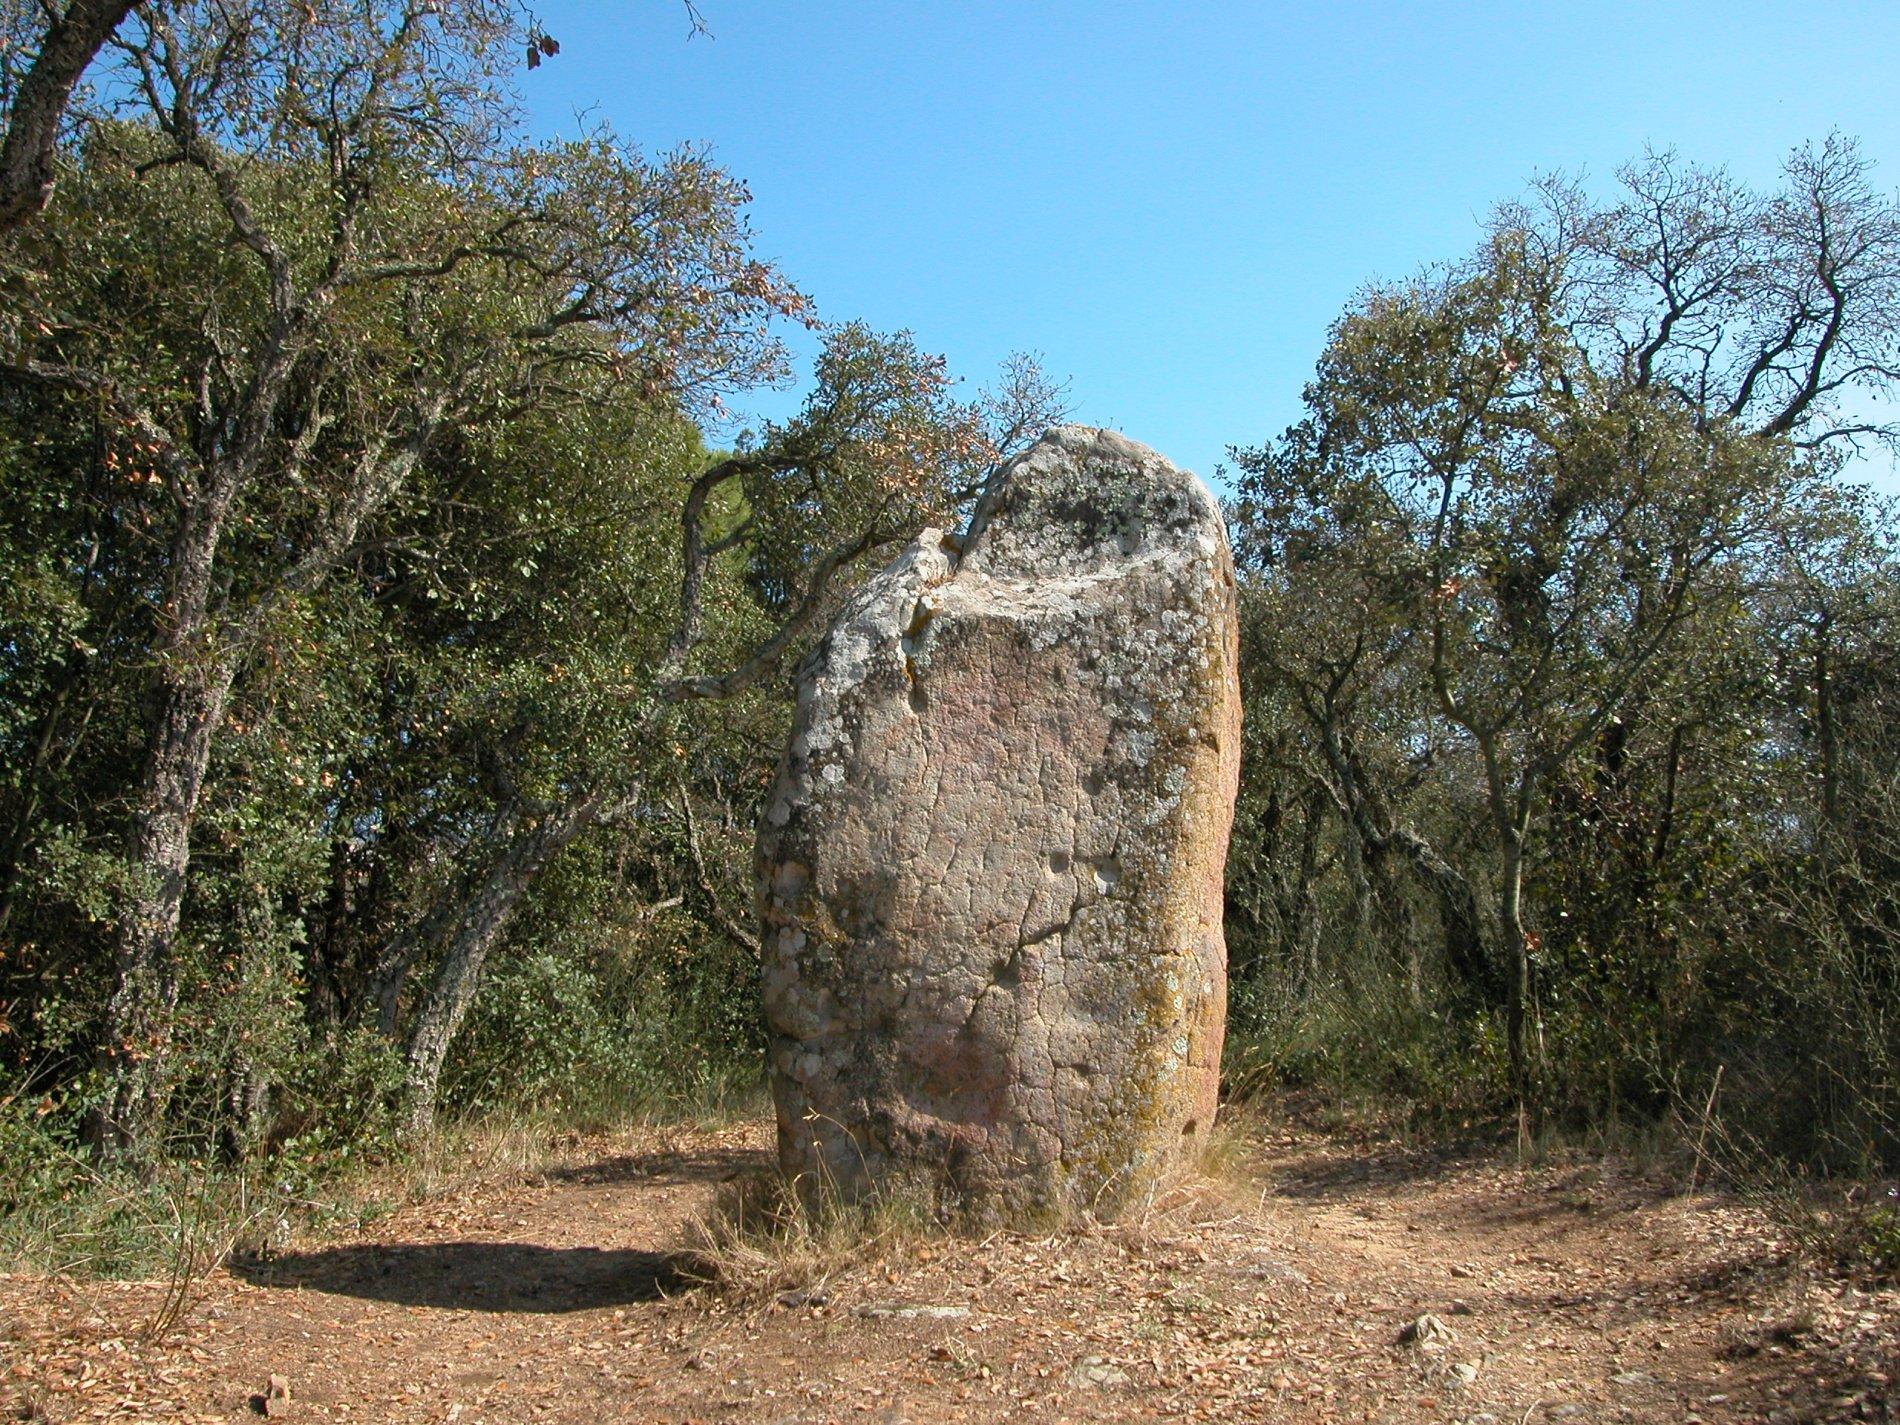 Menhir de Puig ses Forques (Calonge)